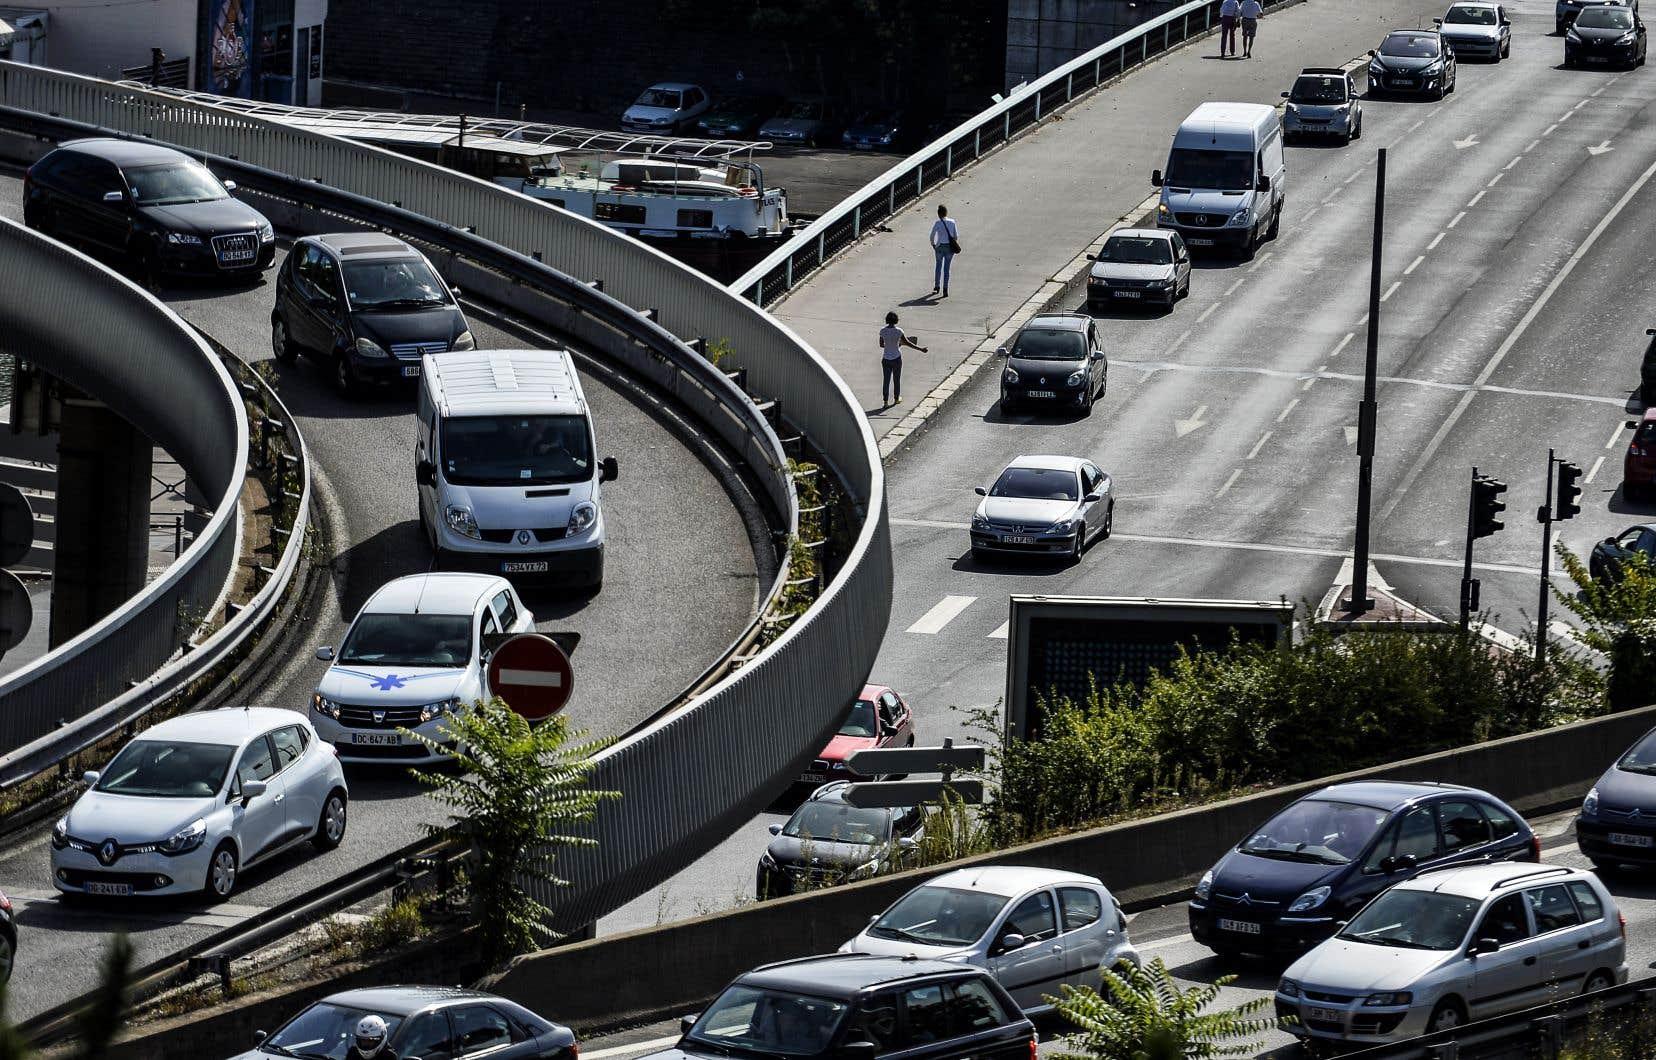 Initialement, la Commission européenne avait demandé en novembre 2017 une réduction moindre, de 30% de la moyenne des émissions de CO2 des voitures particulières d'ici 2030.